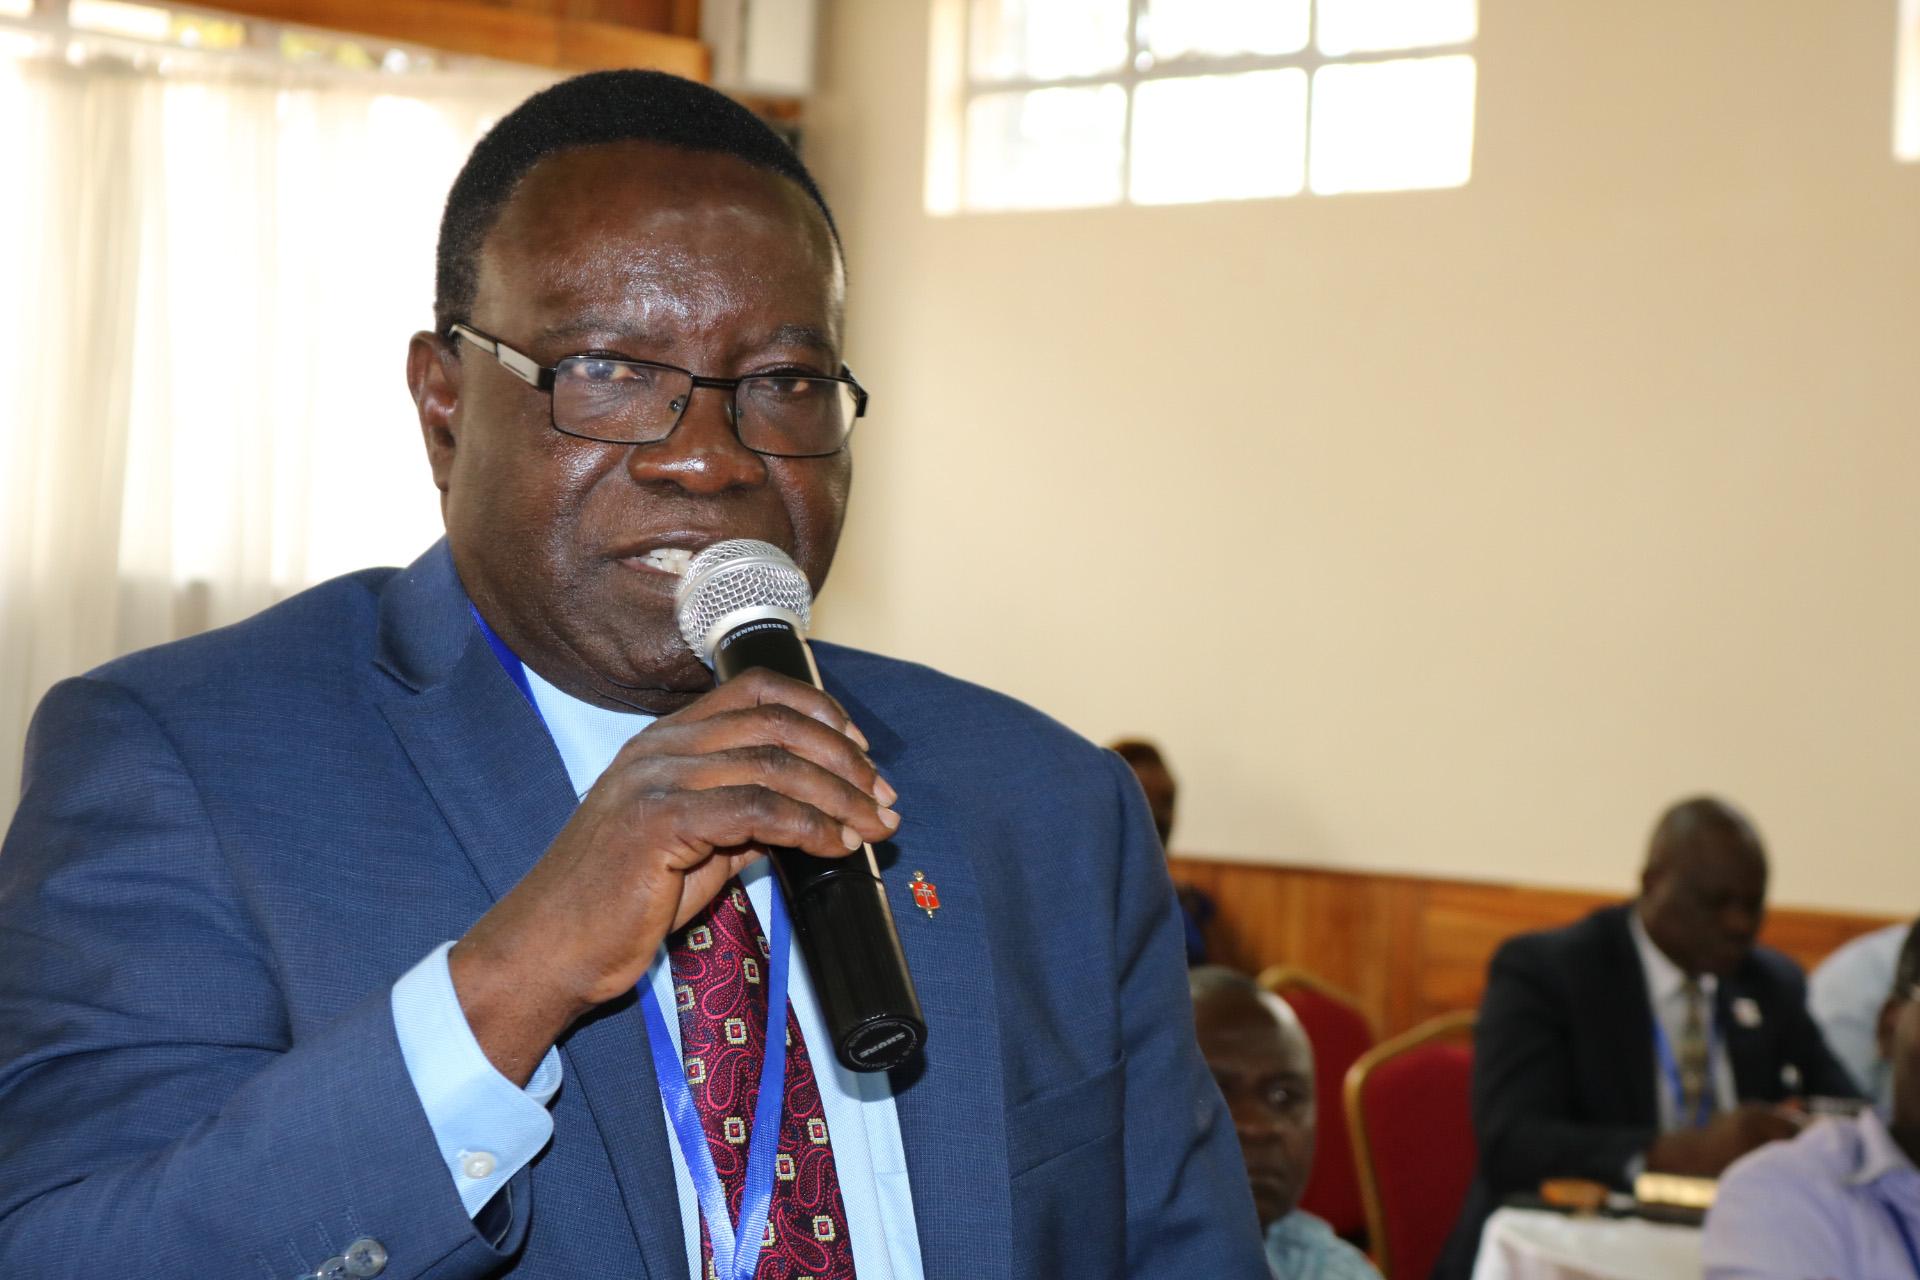 L'évêque Kasap Owan Tshibang, membre fondateur de l'Initiative Afrique, s'adresse aux délégués de la Conférence générale et aux évêques réunis à Nairobi, au Kenya, pour leur formation. Photo de Julu Swen, UMNS.